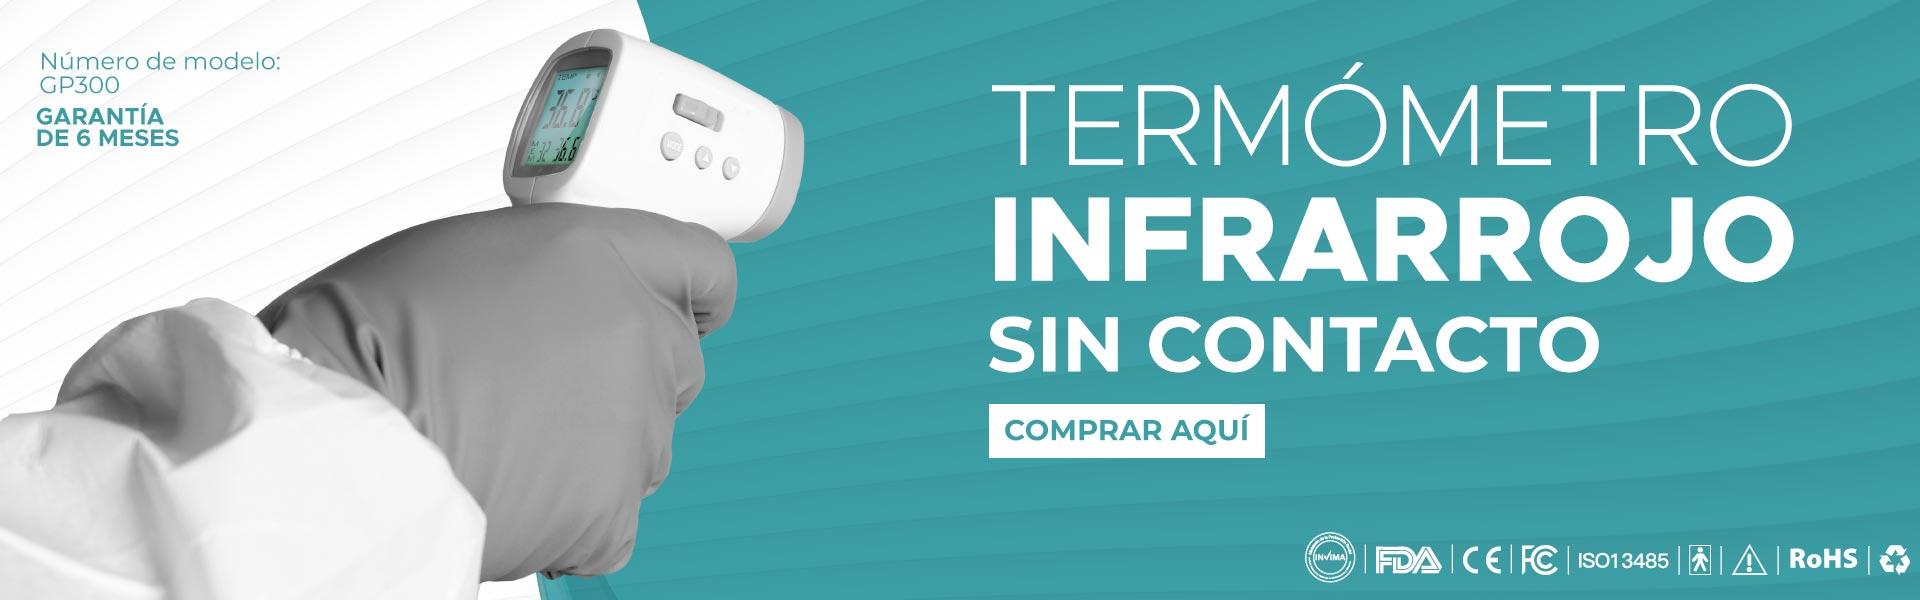 Termometro infrarrojo - Si